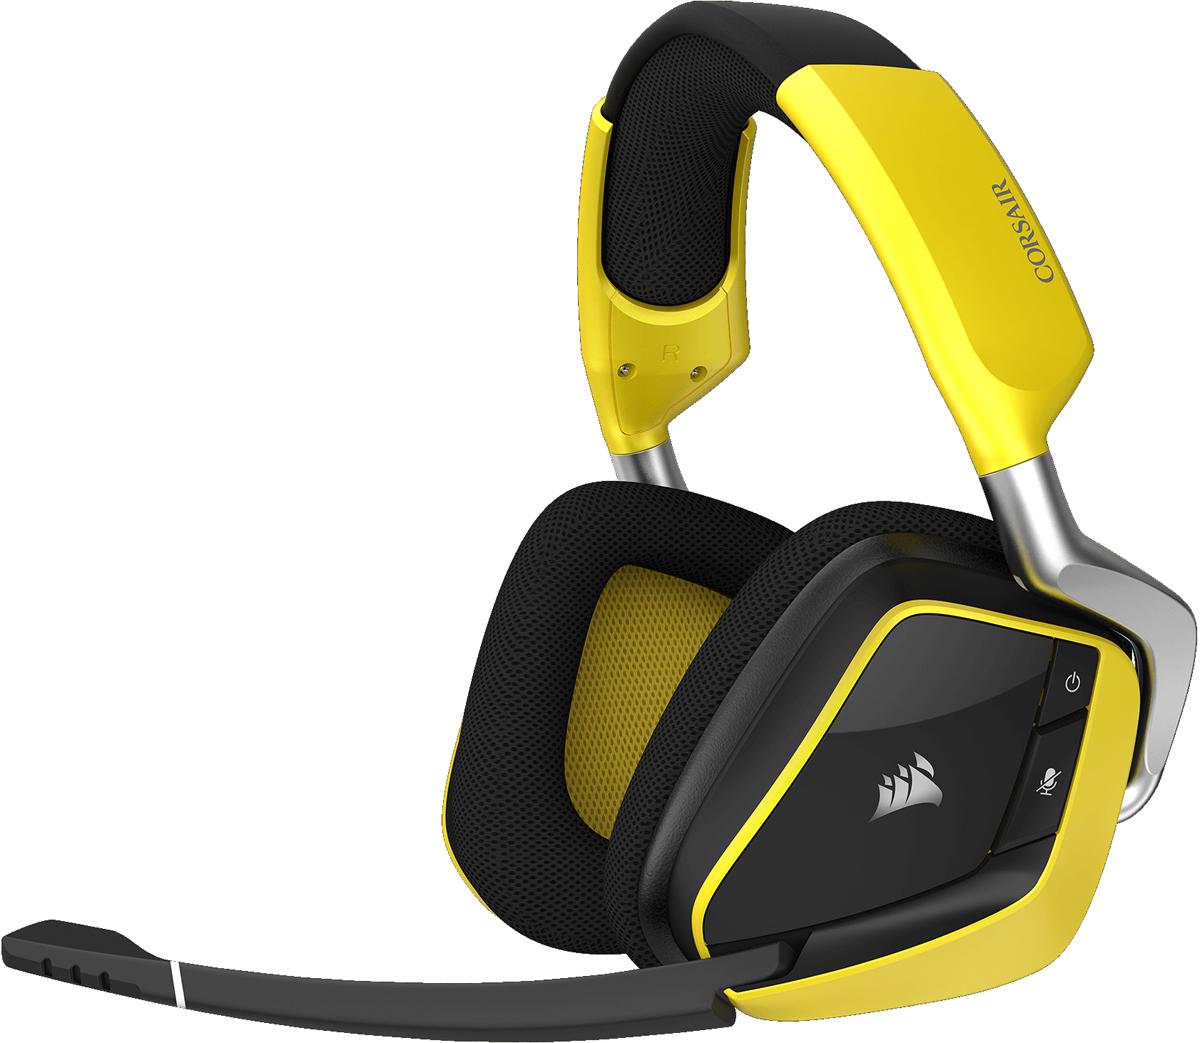 Corsair Gaming Void Pro RGB Wireless SE, Yellow игровая гарнитураCA-9011150-EUВысококлассная игровая гарнитура Corsair Void Pro RGB Wireless SE с поддержкой Dolby Headphone 7.1. Комфорт на весь день. Потрясающий звук. Гарнитура Corsair Void Pro RGB Wireless SE, отличающаяся исключительным удобством, великолепным воспроизведением звука и легендарной надежностью Corsair, создает невероятную атмосферу игрового процесса. Максимальный комфорт. Высококачественная сборка премиум-класса. Дышащая сетчатая ткань из микрофибры и подушка из пеноматериала с эффектом памяти обеспечивают исключительный комфорт, уменьшая накопление тепла и влаги. Легендарное качество сборки Corsair гарантирует долговременную надежность. Четкий звук для игр Неодимовые 50-миллиметровые динамики с возможностью индивидуальной настройки максимально реалистично передают звук благодаря широкому диапазону частот и точности воспроизведения. Технология объемного звука Genuine Dolby Headphone 7.1 обеспечивает захватывающее многоканальное пространственное звучание, переносящее вас в центр событий. Превосходные характеристики беспроводной работы Низкий уровень задержки, беспроводная передача звука с частотой 2,4 ГГц, улучшенный радиус действия до 12 м и время работы от аккумулятора до 16 часов. Модернизированная конструкция антенны увеличивает зону действия и обеспечивает лучшие характеристики даже в самых сложных условиях. Кристально чистая передача звука через микрофон Абсолютно новый однонаправленный микрофон с шумоподавлением и светодиодным индикатором отключения звука уменьшает окружающий шум для улучшения качества звучания голоса. Микрофон и динамики Void Pro прошли испытания и оценку, чтобы обеспечить идеальное качество связи и первоклассный звук. Управление подсветкой RGB Настраиваемая динамическая подсветка RGB позволяет создавать практически безграничные варианты цветовых комбинаций. Эксклюзивная базовая станция Игровая гарнитура Void Wireless SE содержит удобную приемную док-станцию, которая поможет 